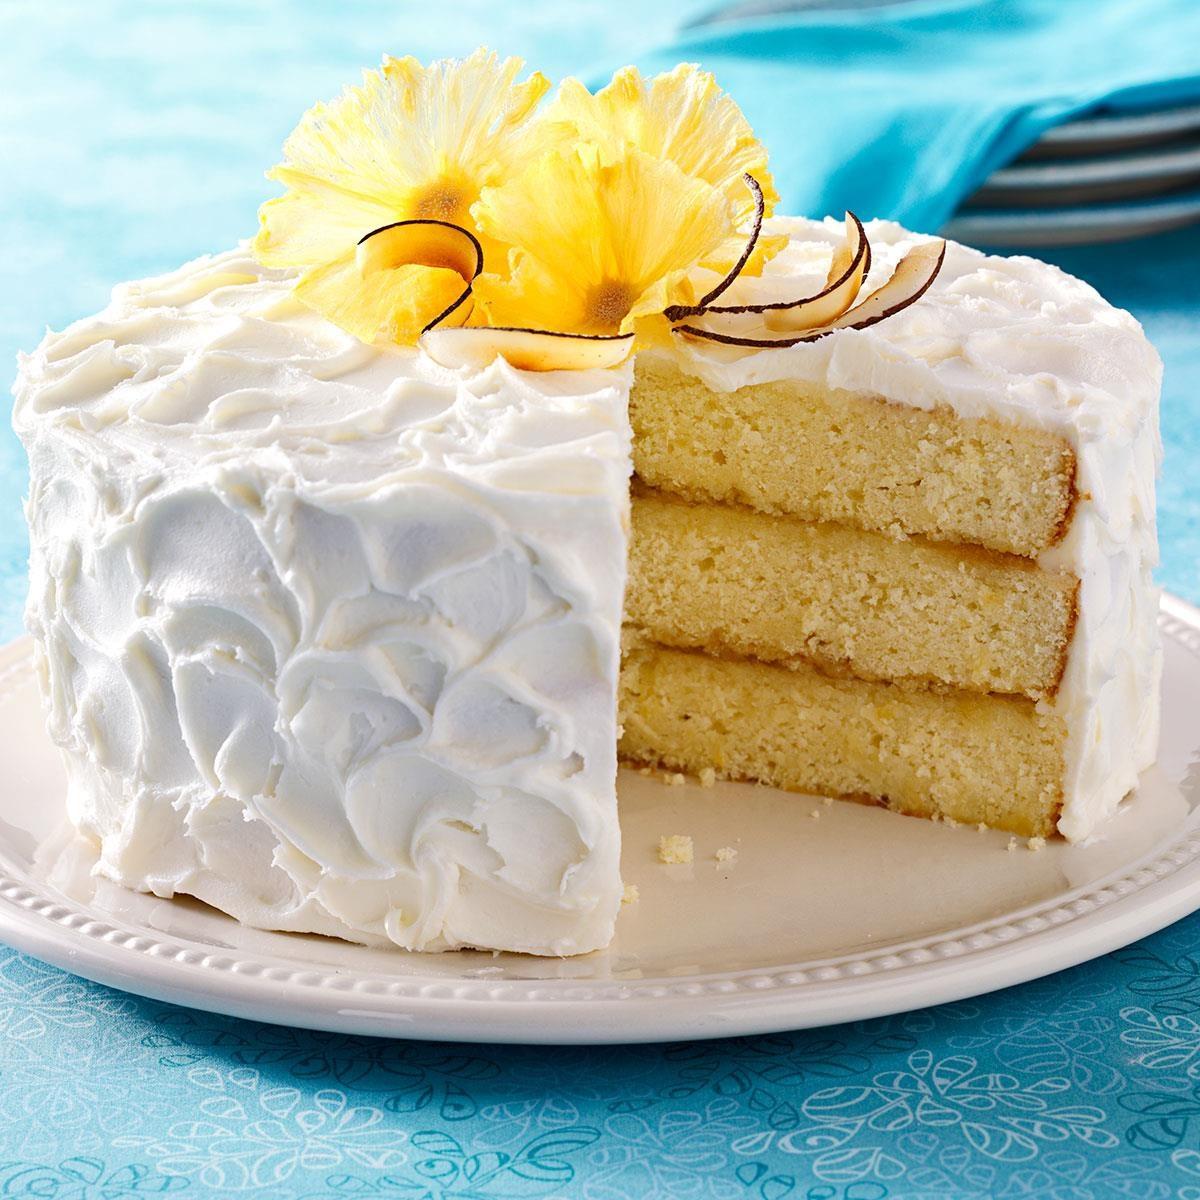 Best Recipe For Pina Colada Cake